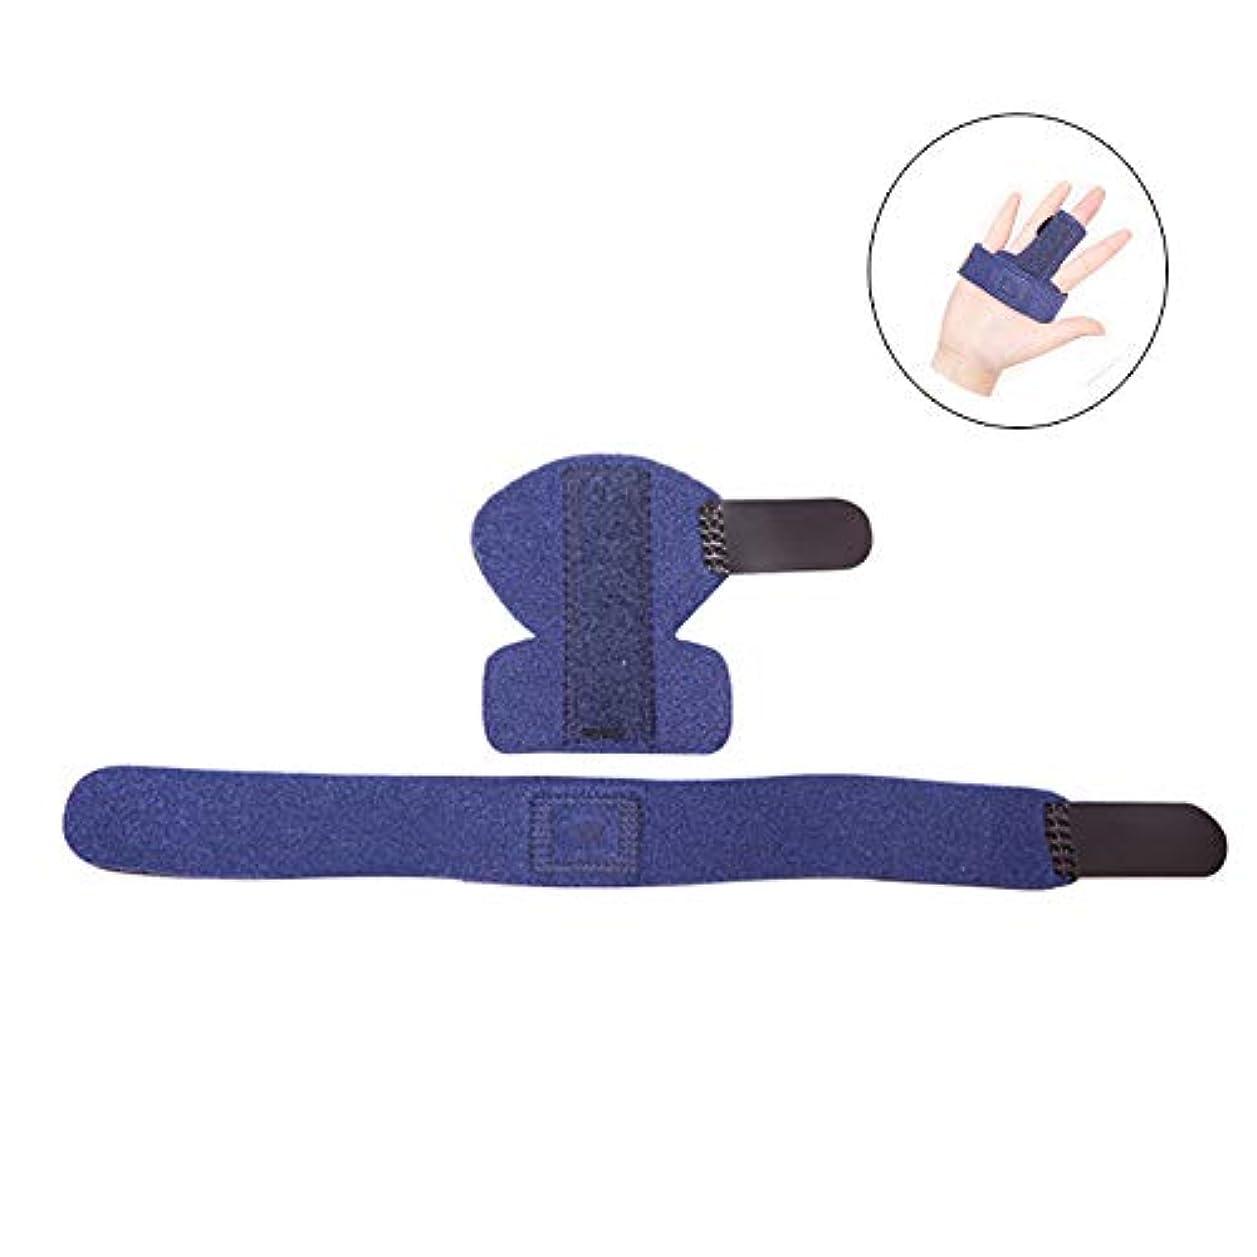 科学的クレーンバター指の痛みの軽減、指の関節の固定、指の骨折のための指サポート調整可能なプロテクターブレーススプリント